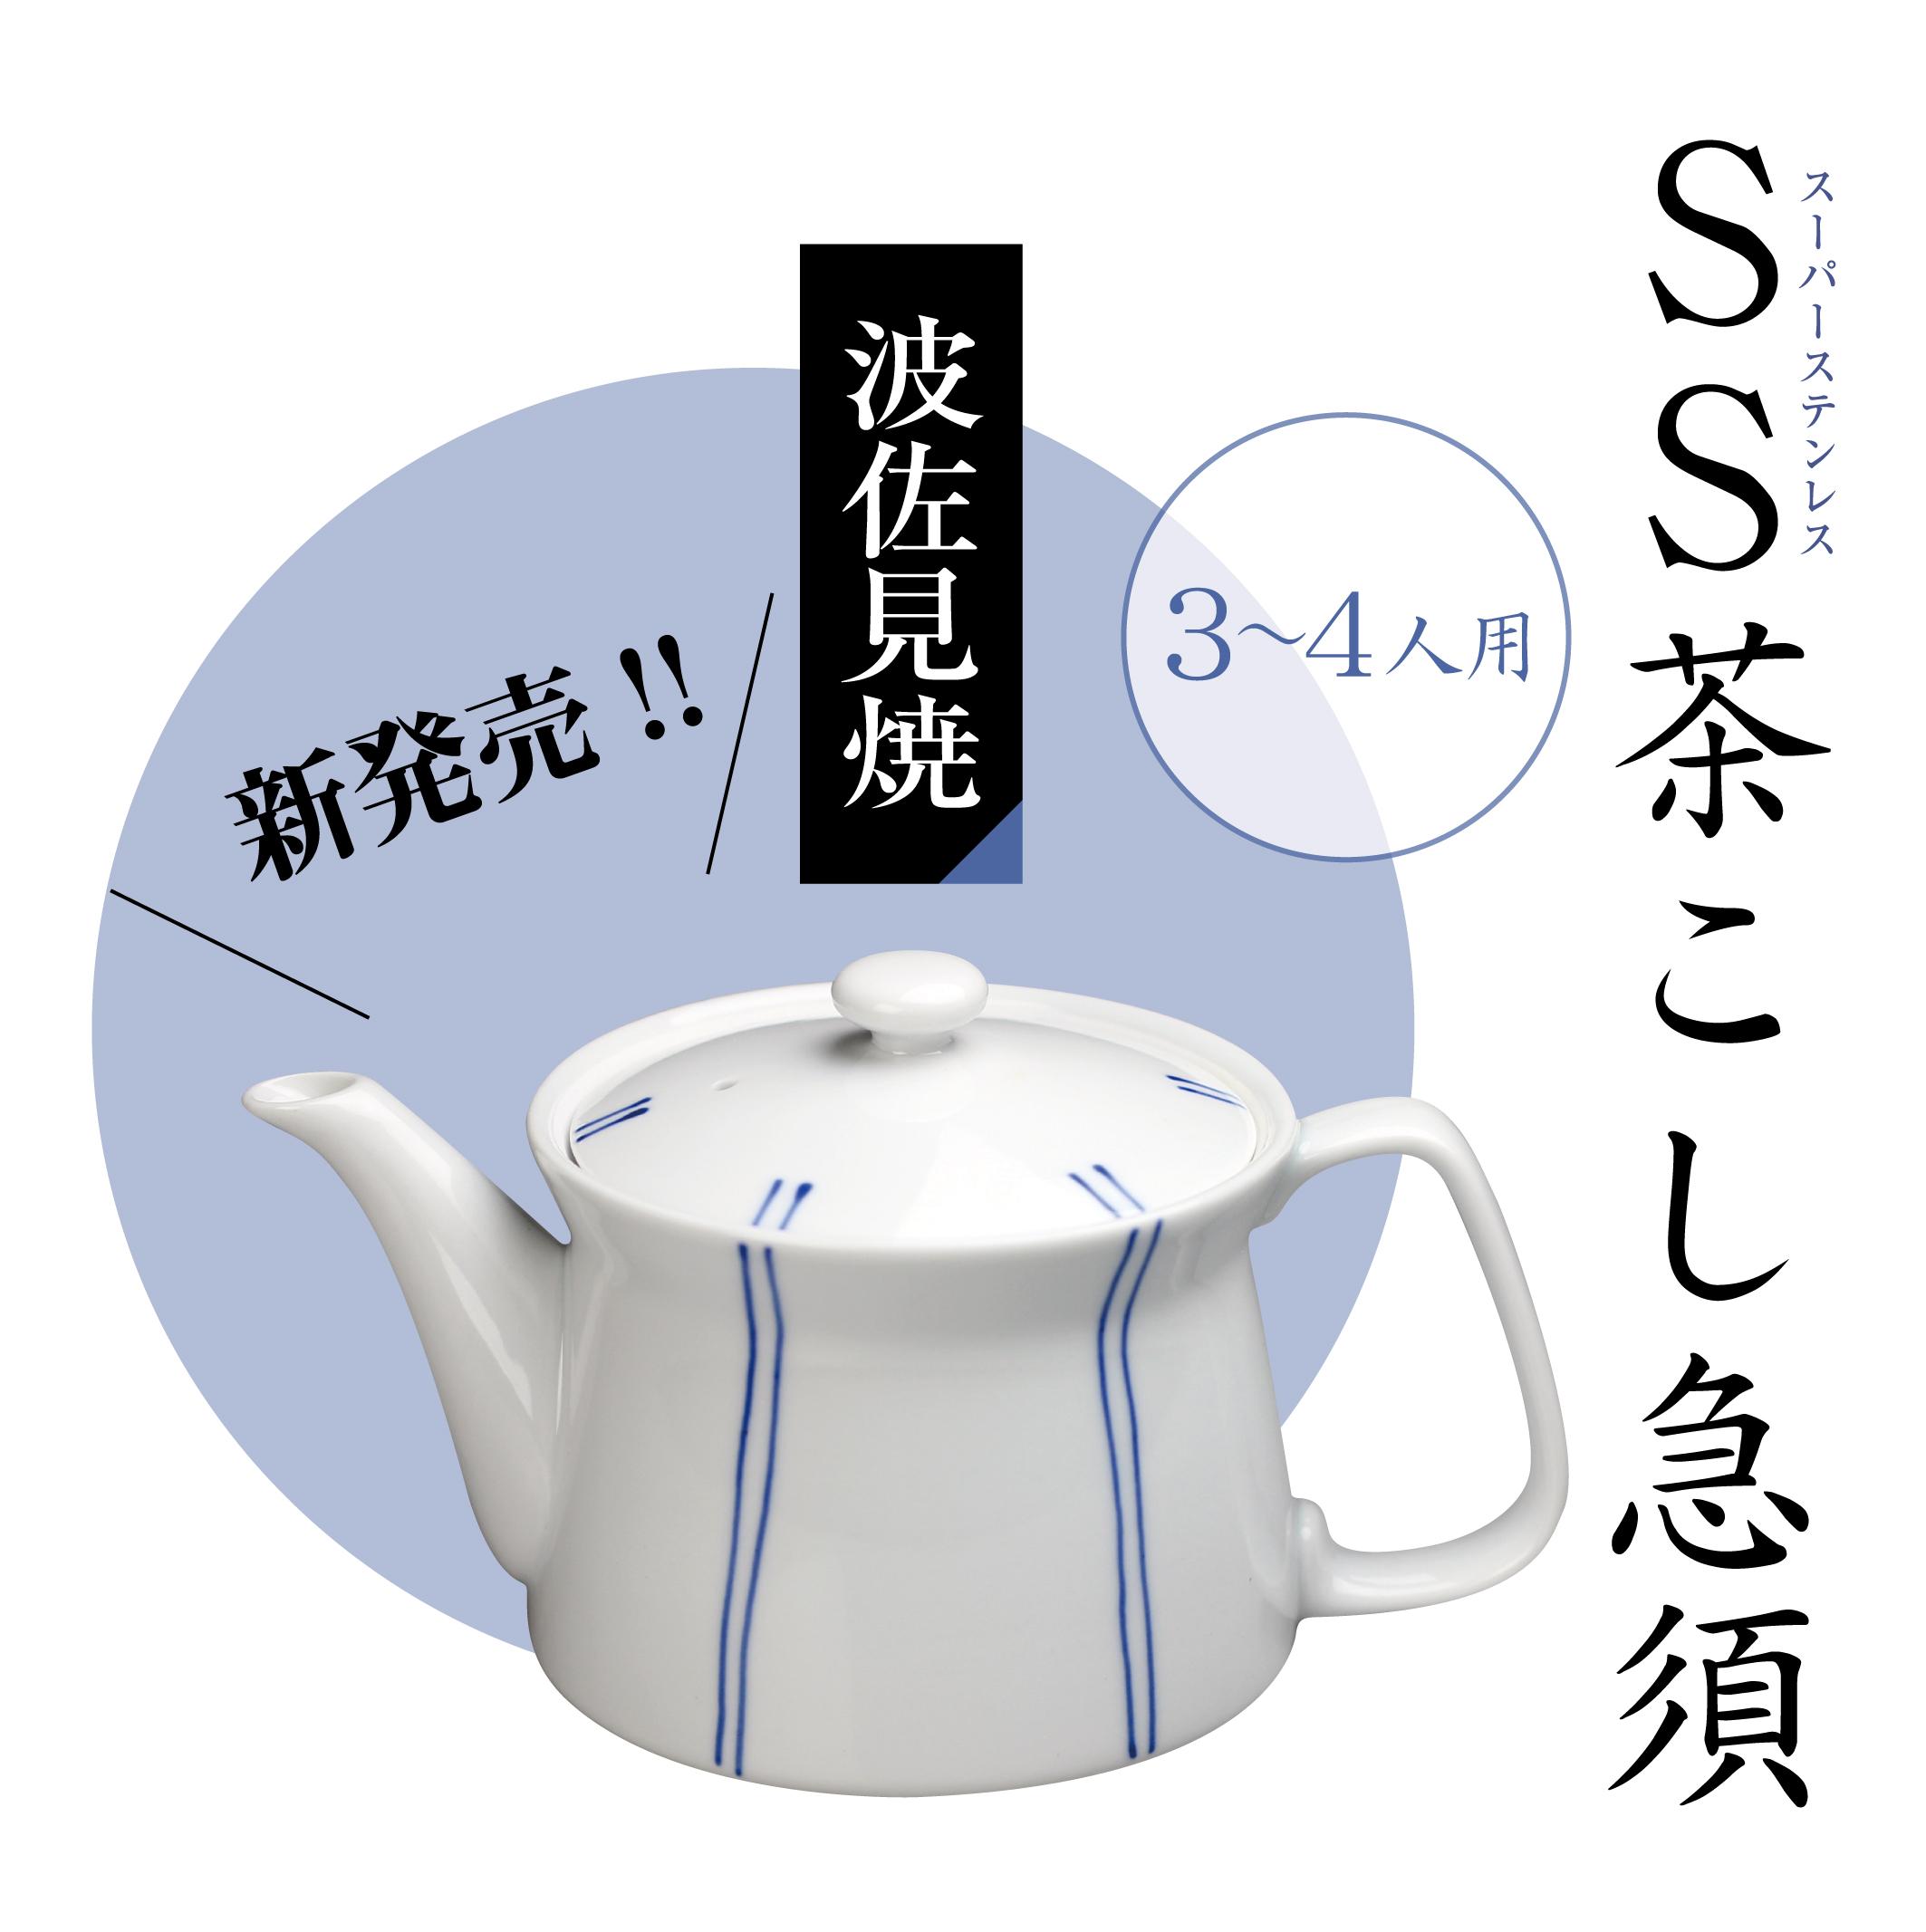 波佐見焼 スーパーステンレス茶こし急須